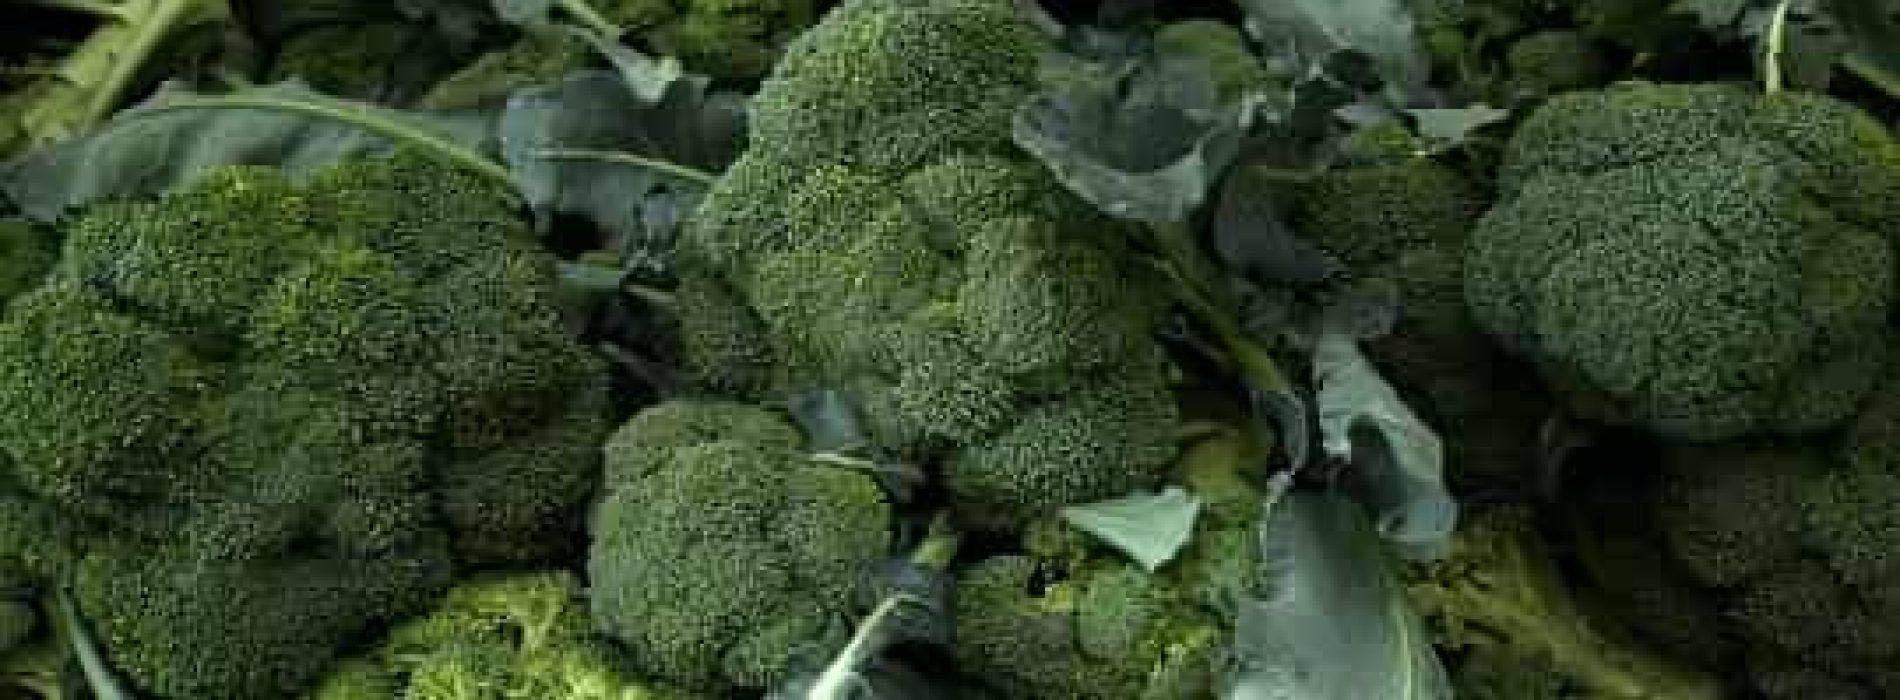 Dampe brokkoli? Hvordan og hvorfor?